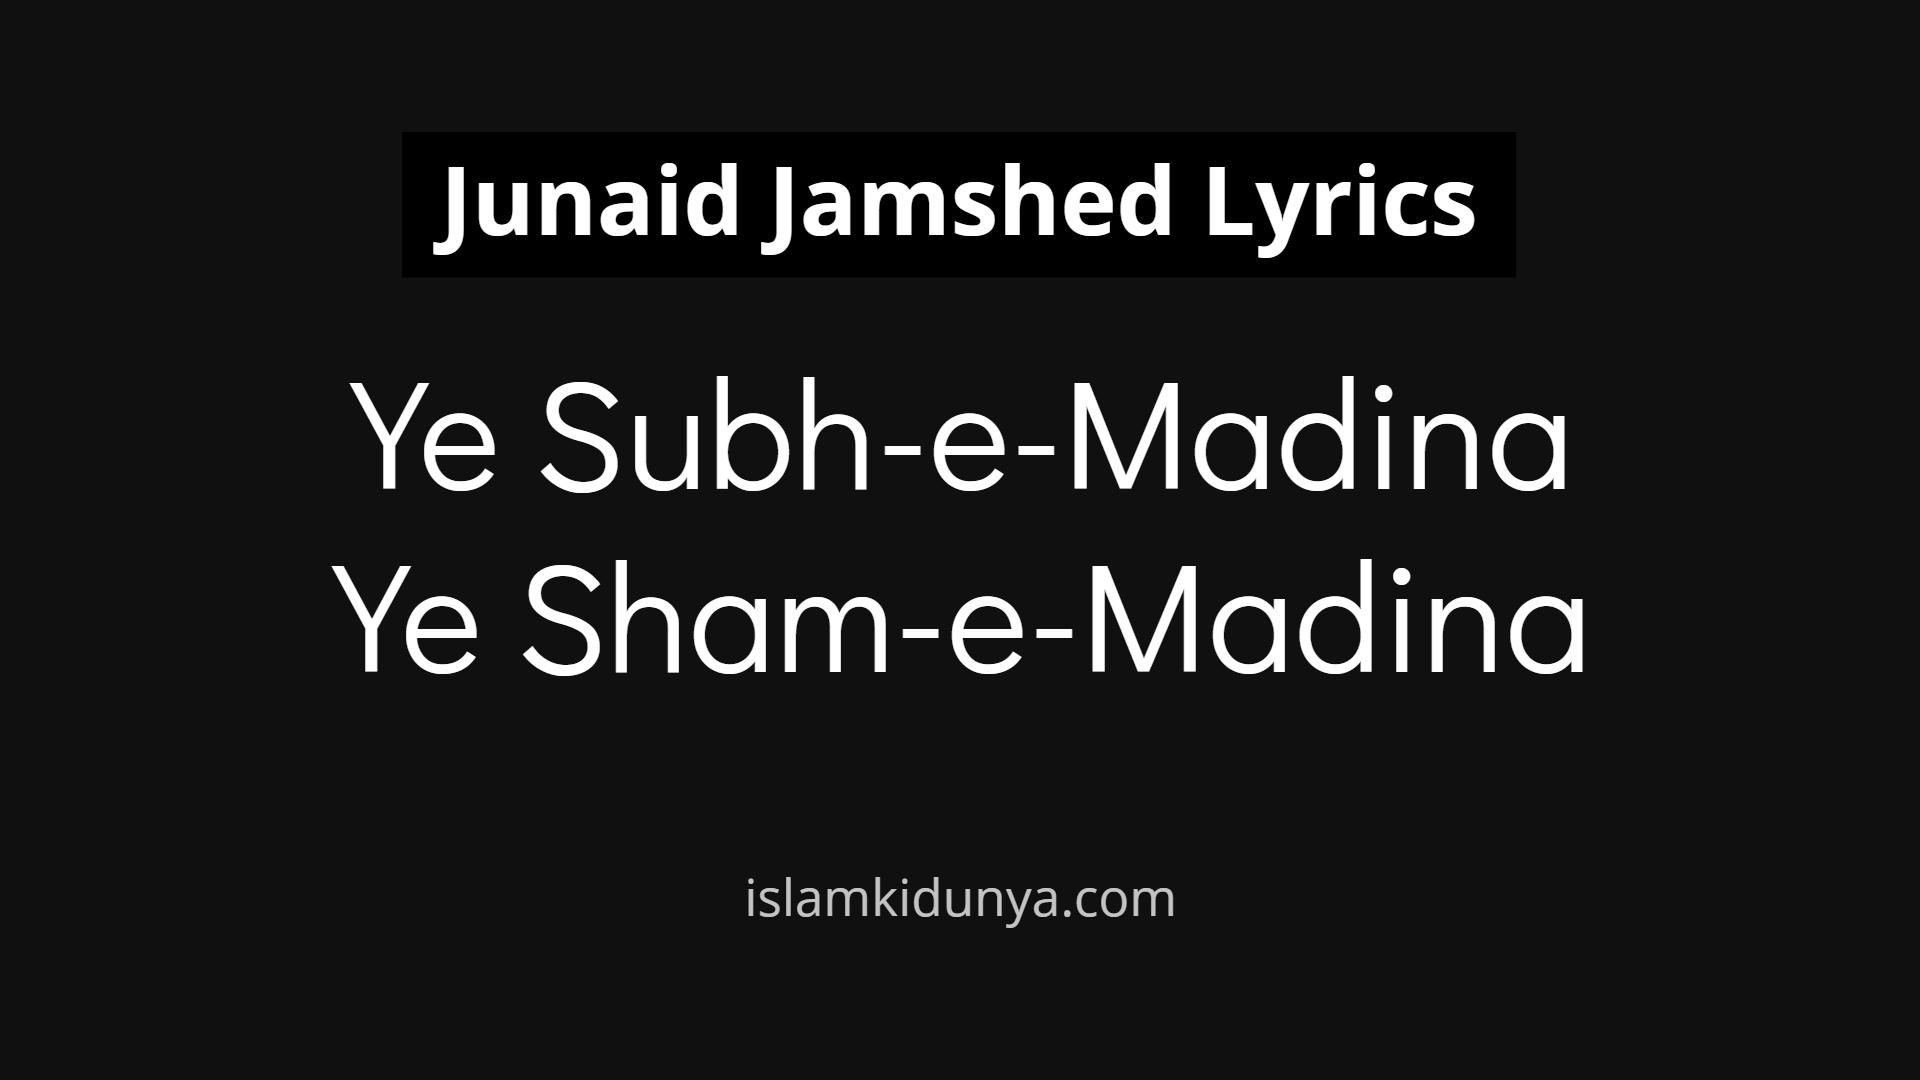 Ye Subh-e-Madina Ye Sham-e-Madina - Junaid Jamshed (Lyrics)